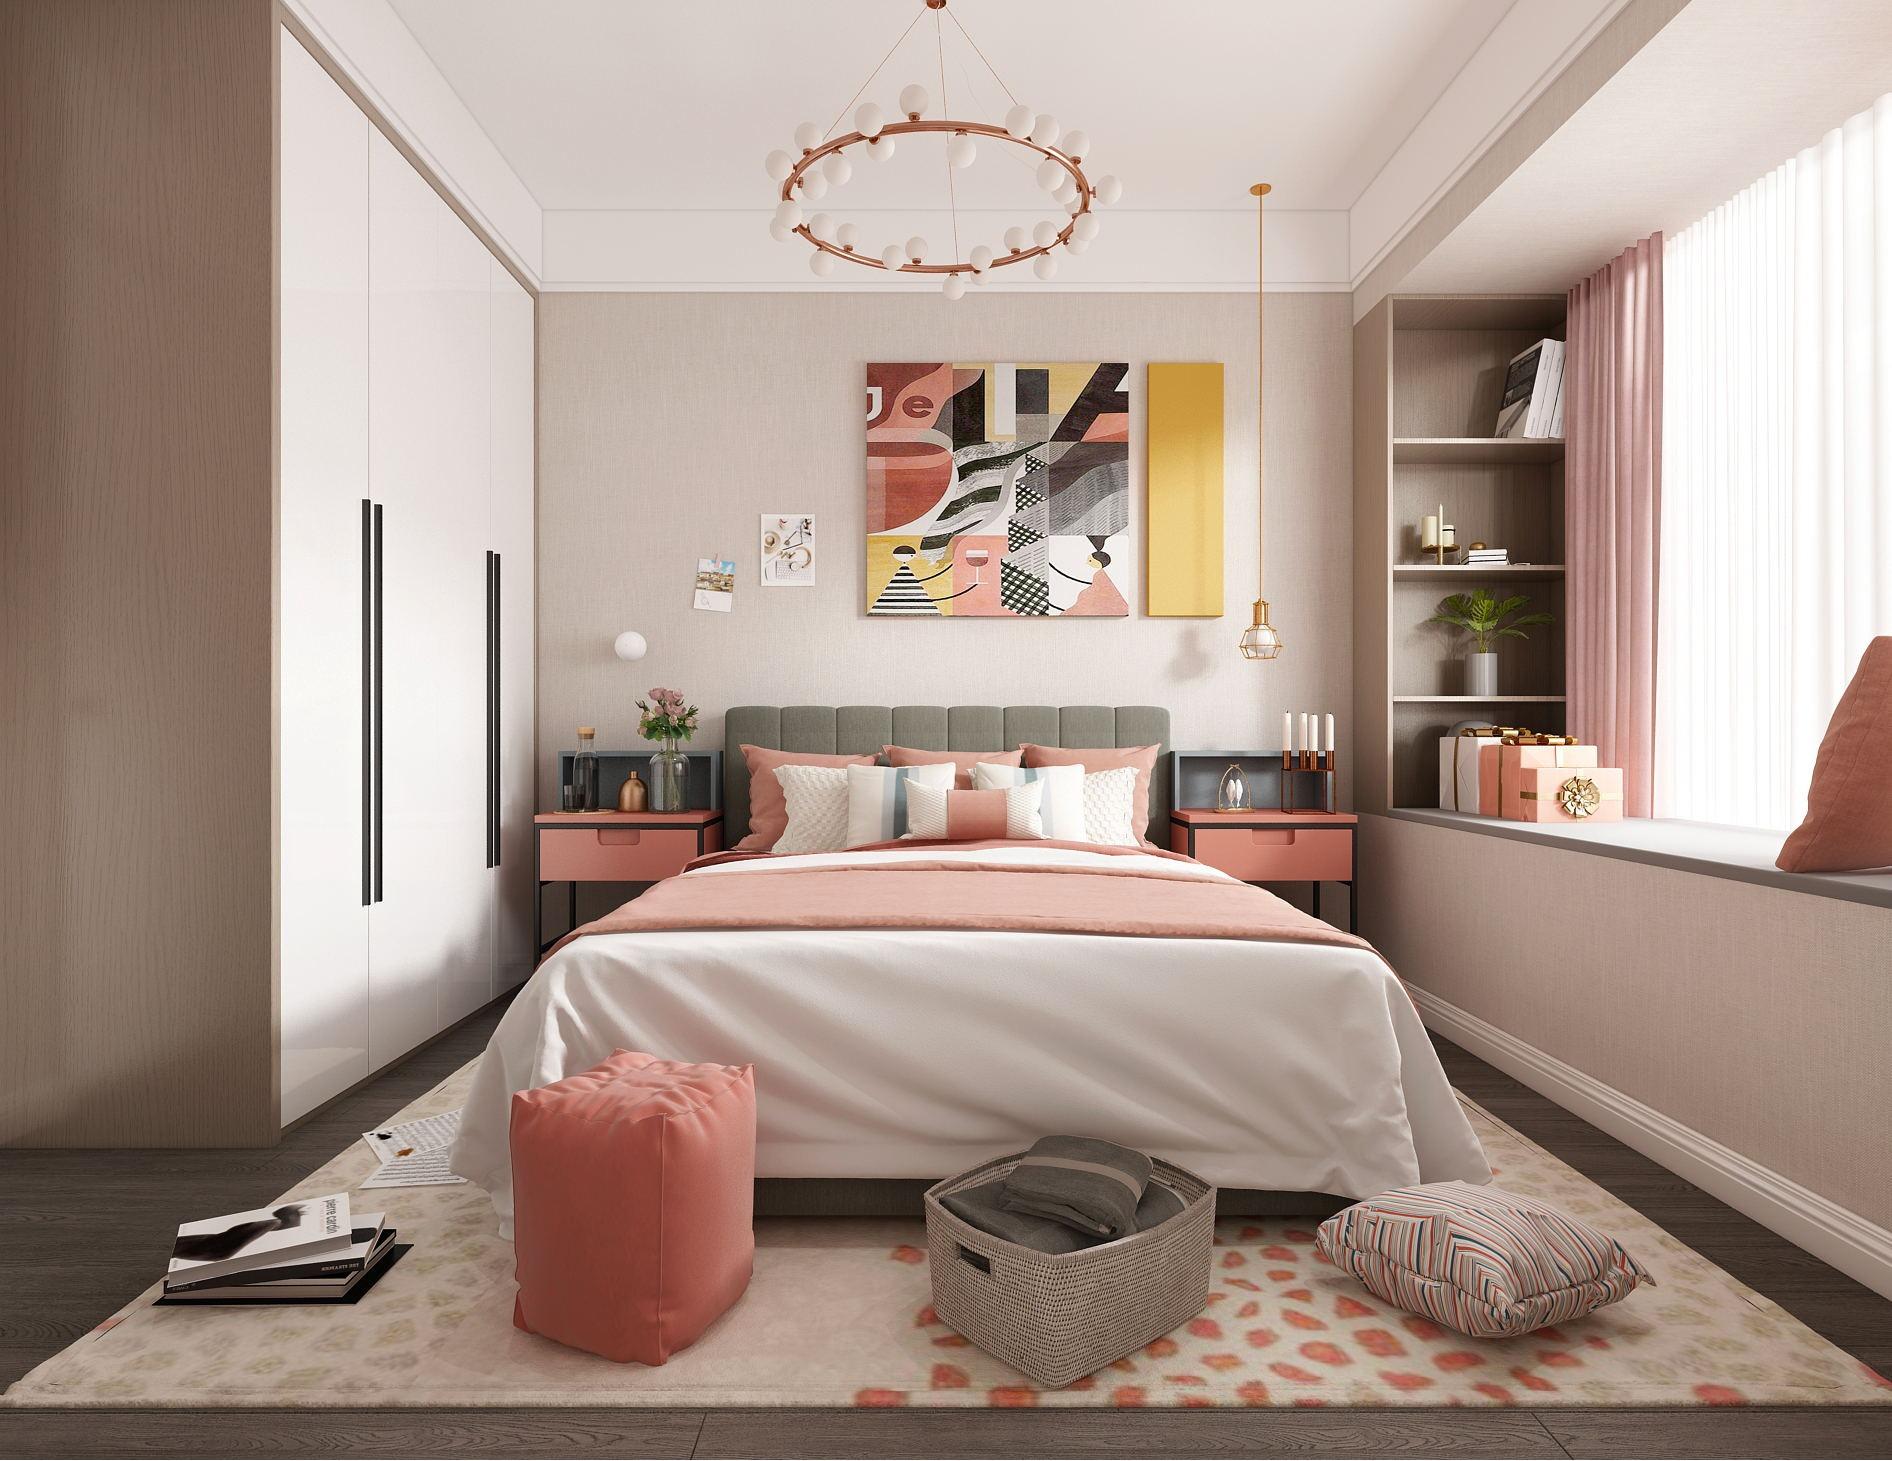 公寓装修设计/公寓软装设计/公寓施工图/整装设计效果图施工图